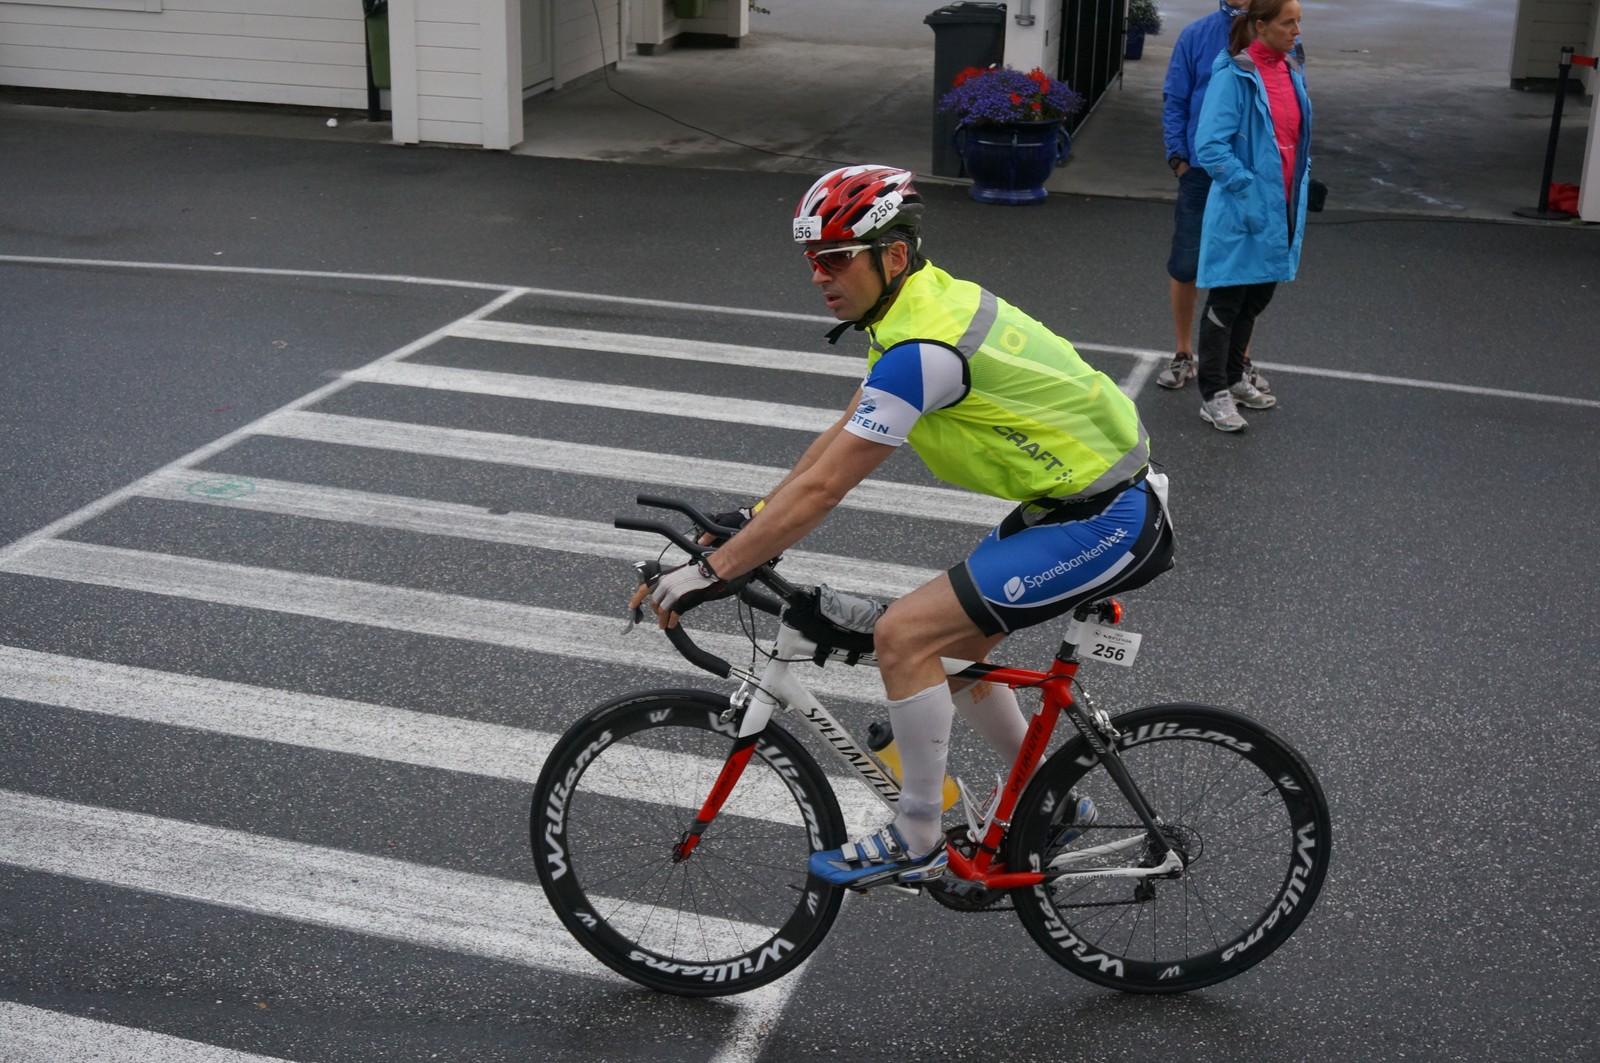 ENDELEG PÅ SYKKELSETE: Hodnefjell har som han seie det sjølv endeleg kome seg på sykkelsete i Norseman.